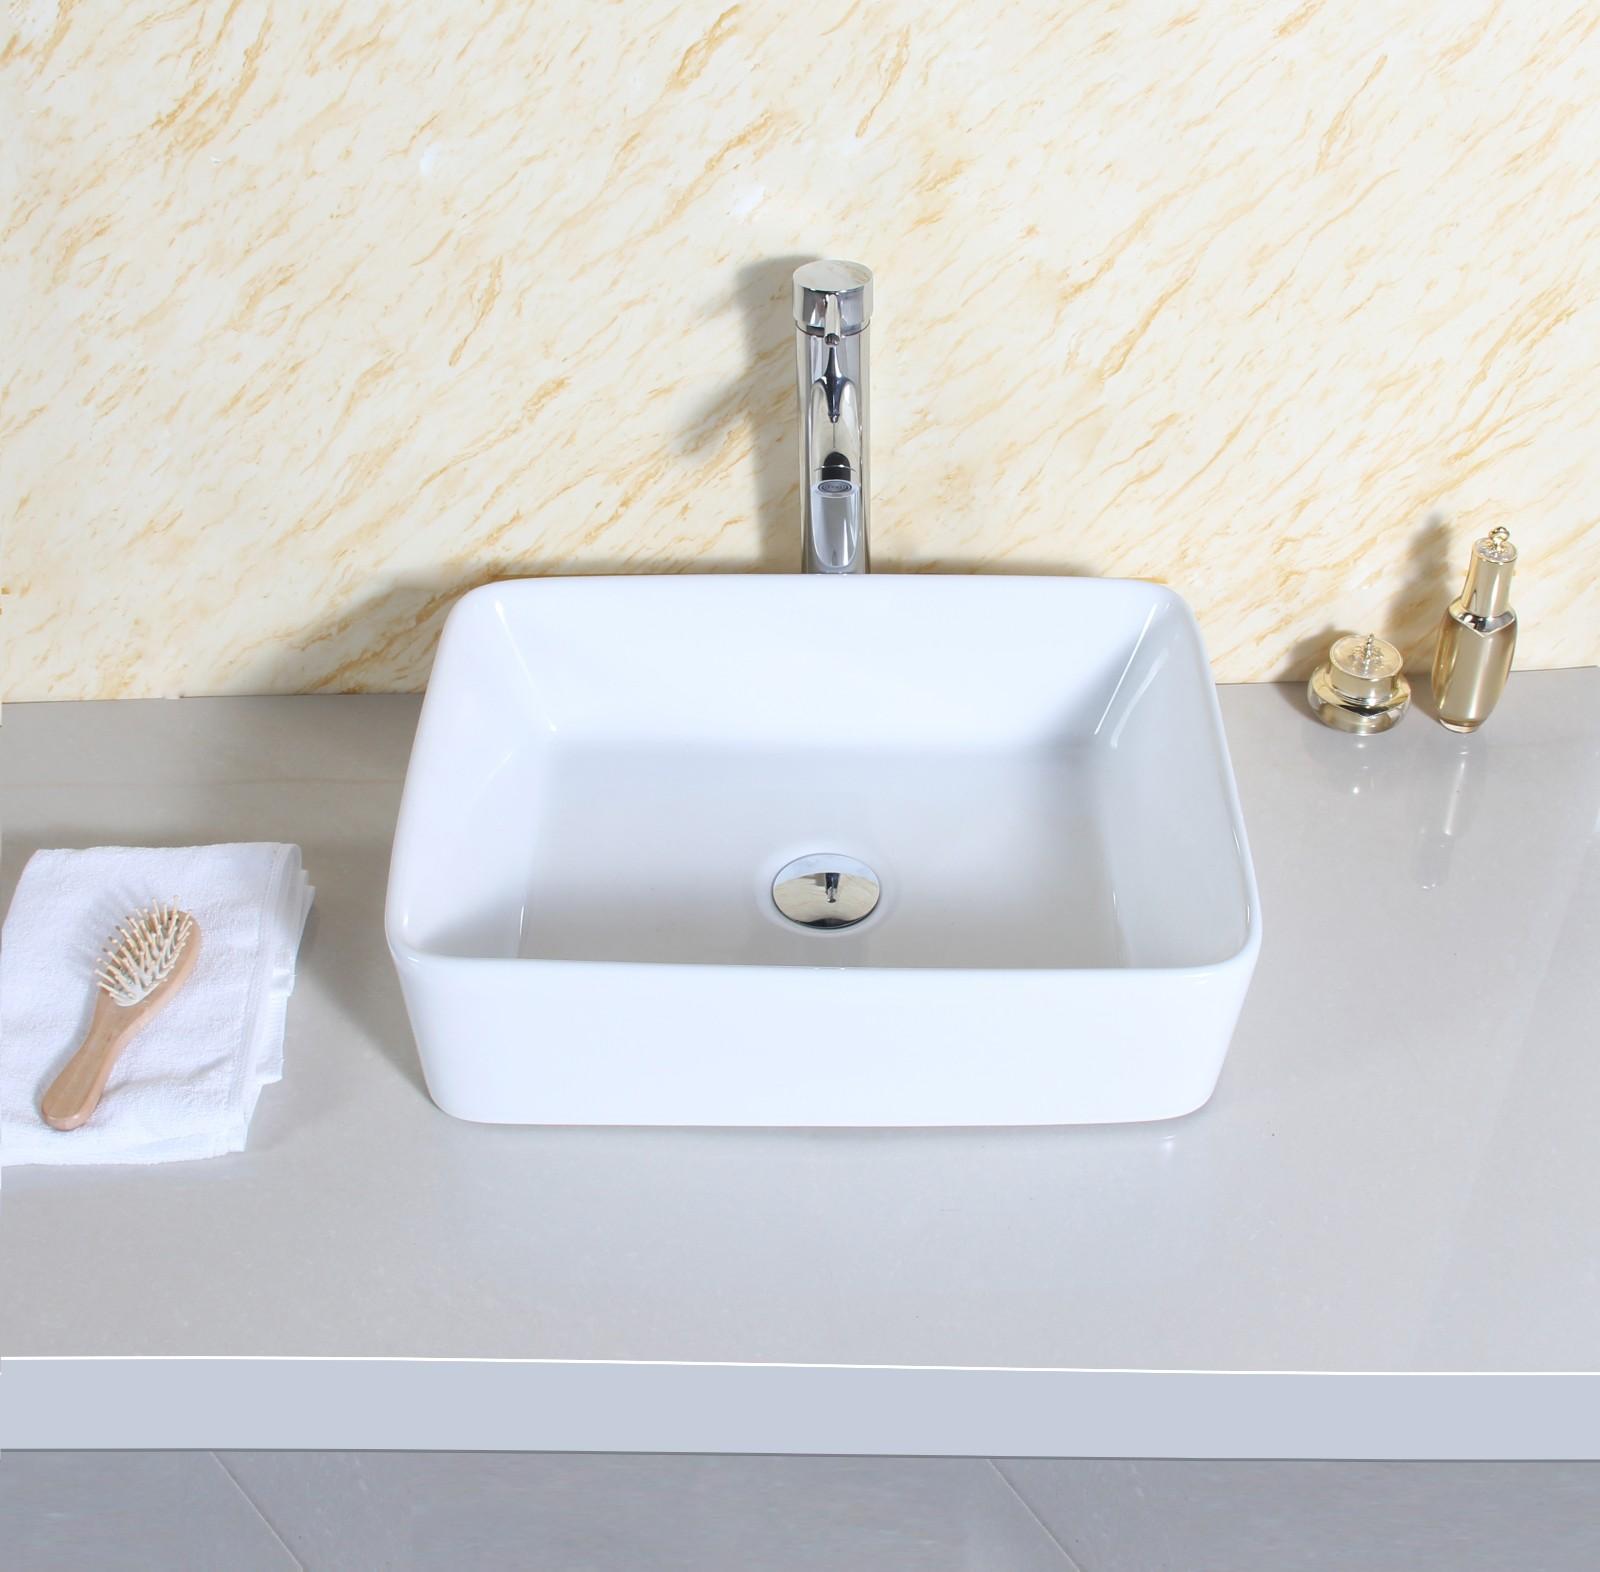 Full Size of Küche Waschbecken Günstig Küche Waschbecken Versetzen Küche Waschbecken Emaille Küche Waschbecken Verstopft Was Tun Küche Küche Waschbecken